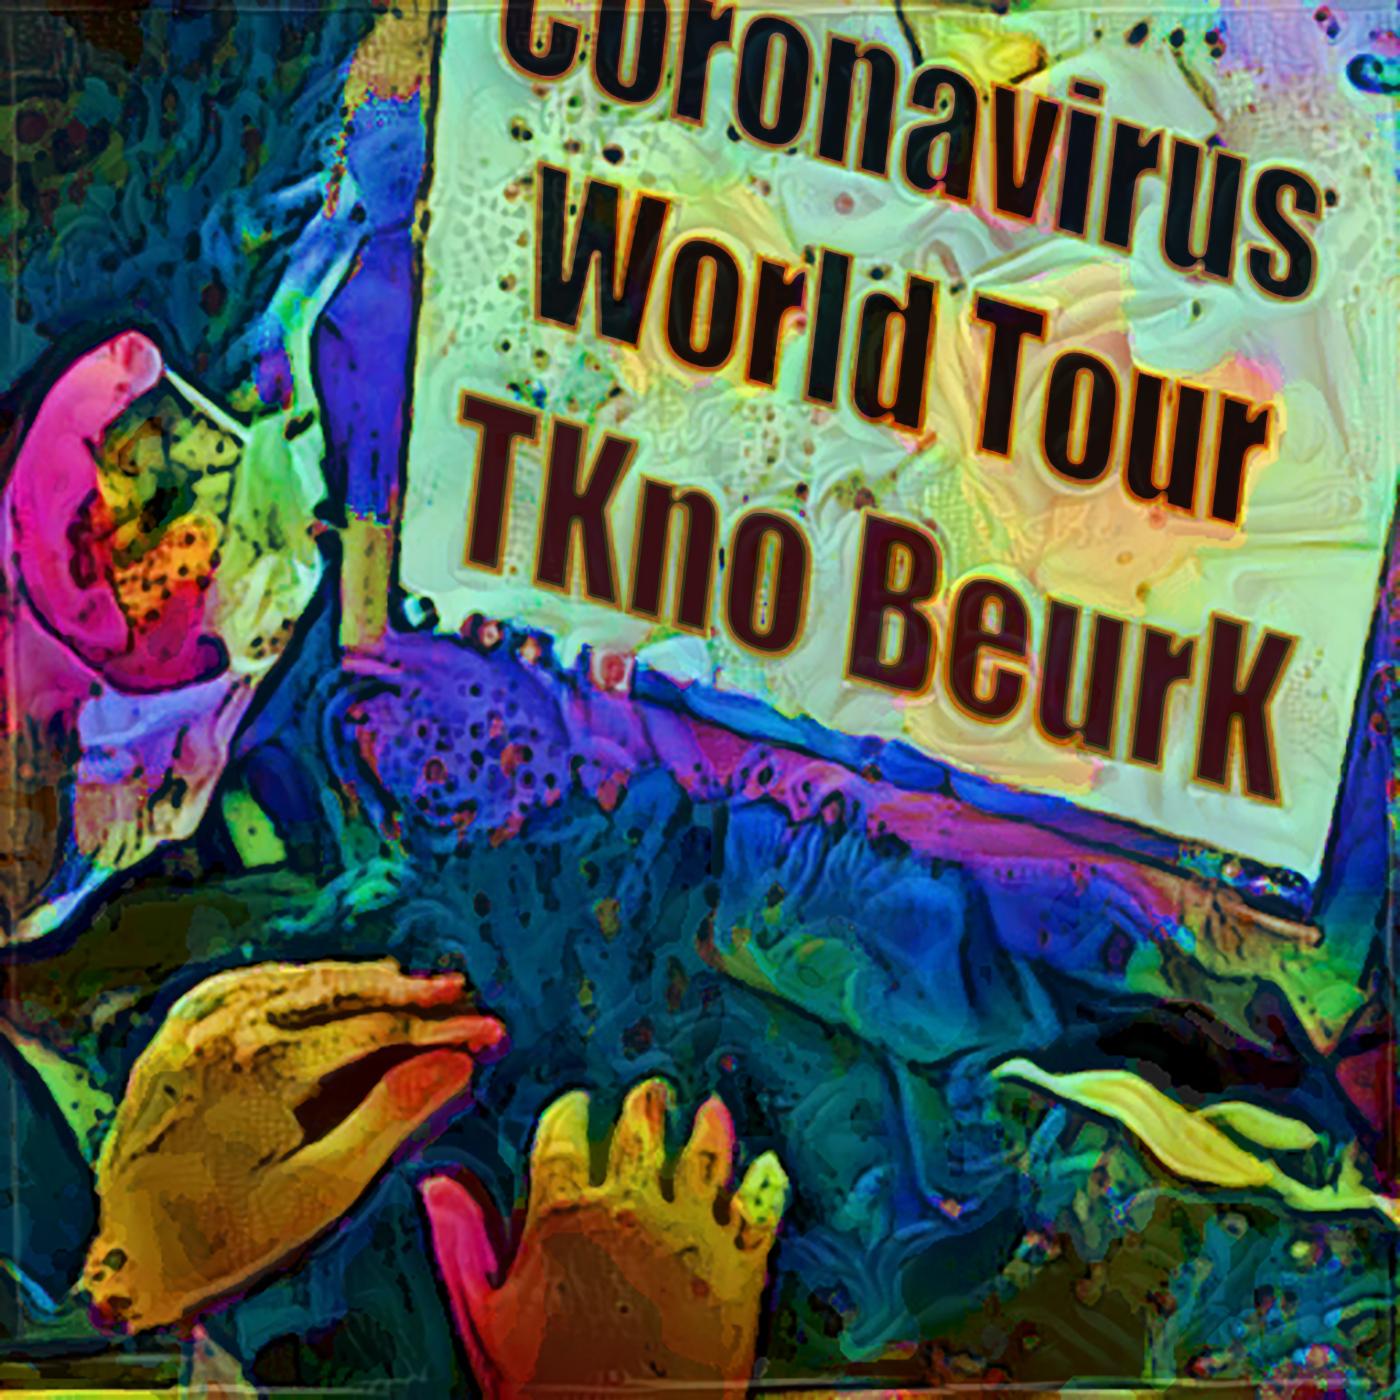 TKno BeurK – Coronavirus World Tour